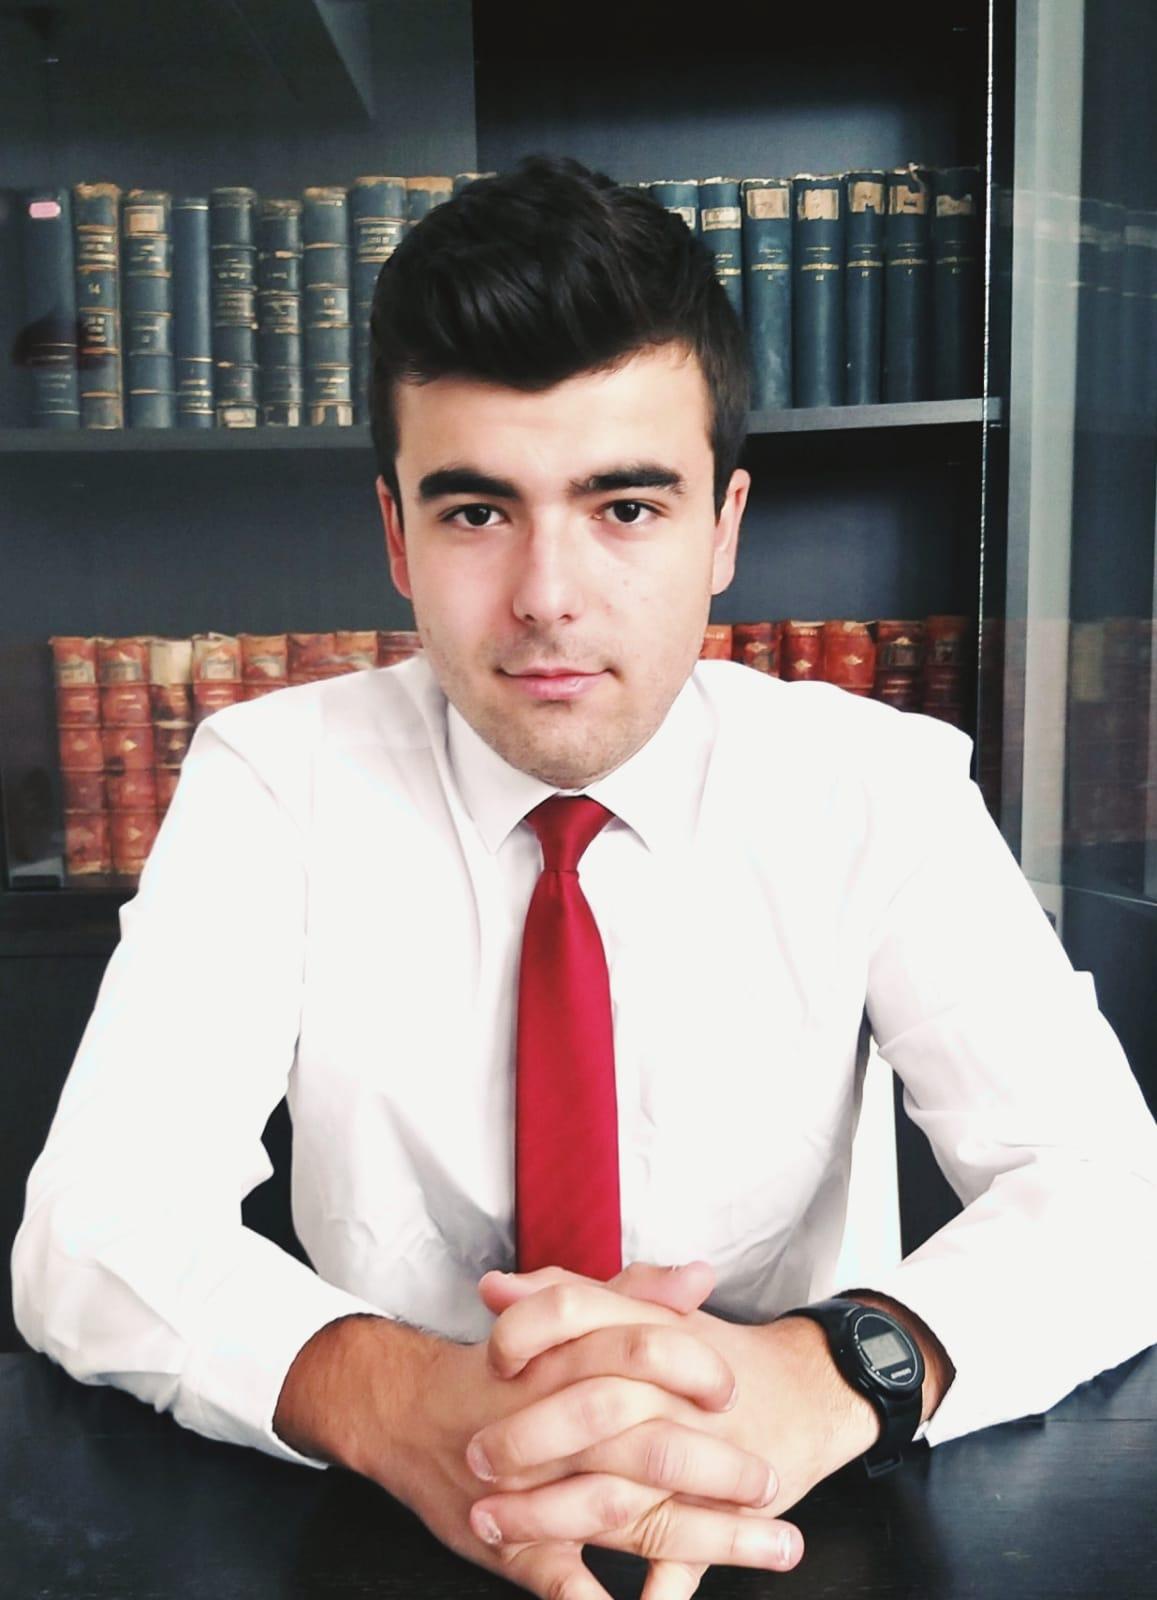 Președinte – Emanuel DRĂGAN (student anul III – Drept)